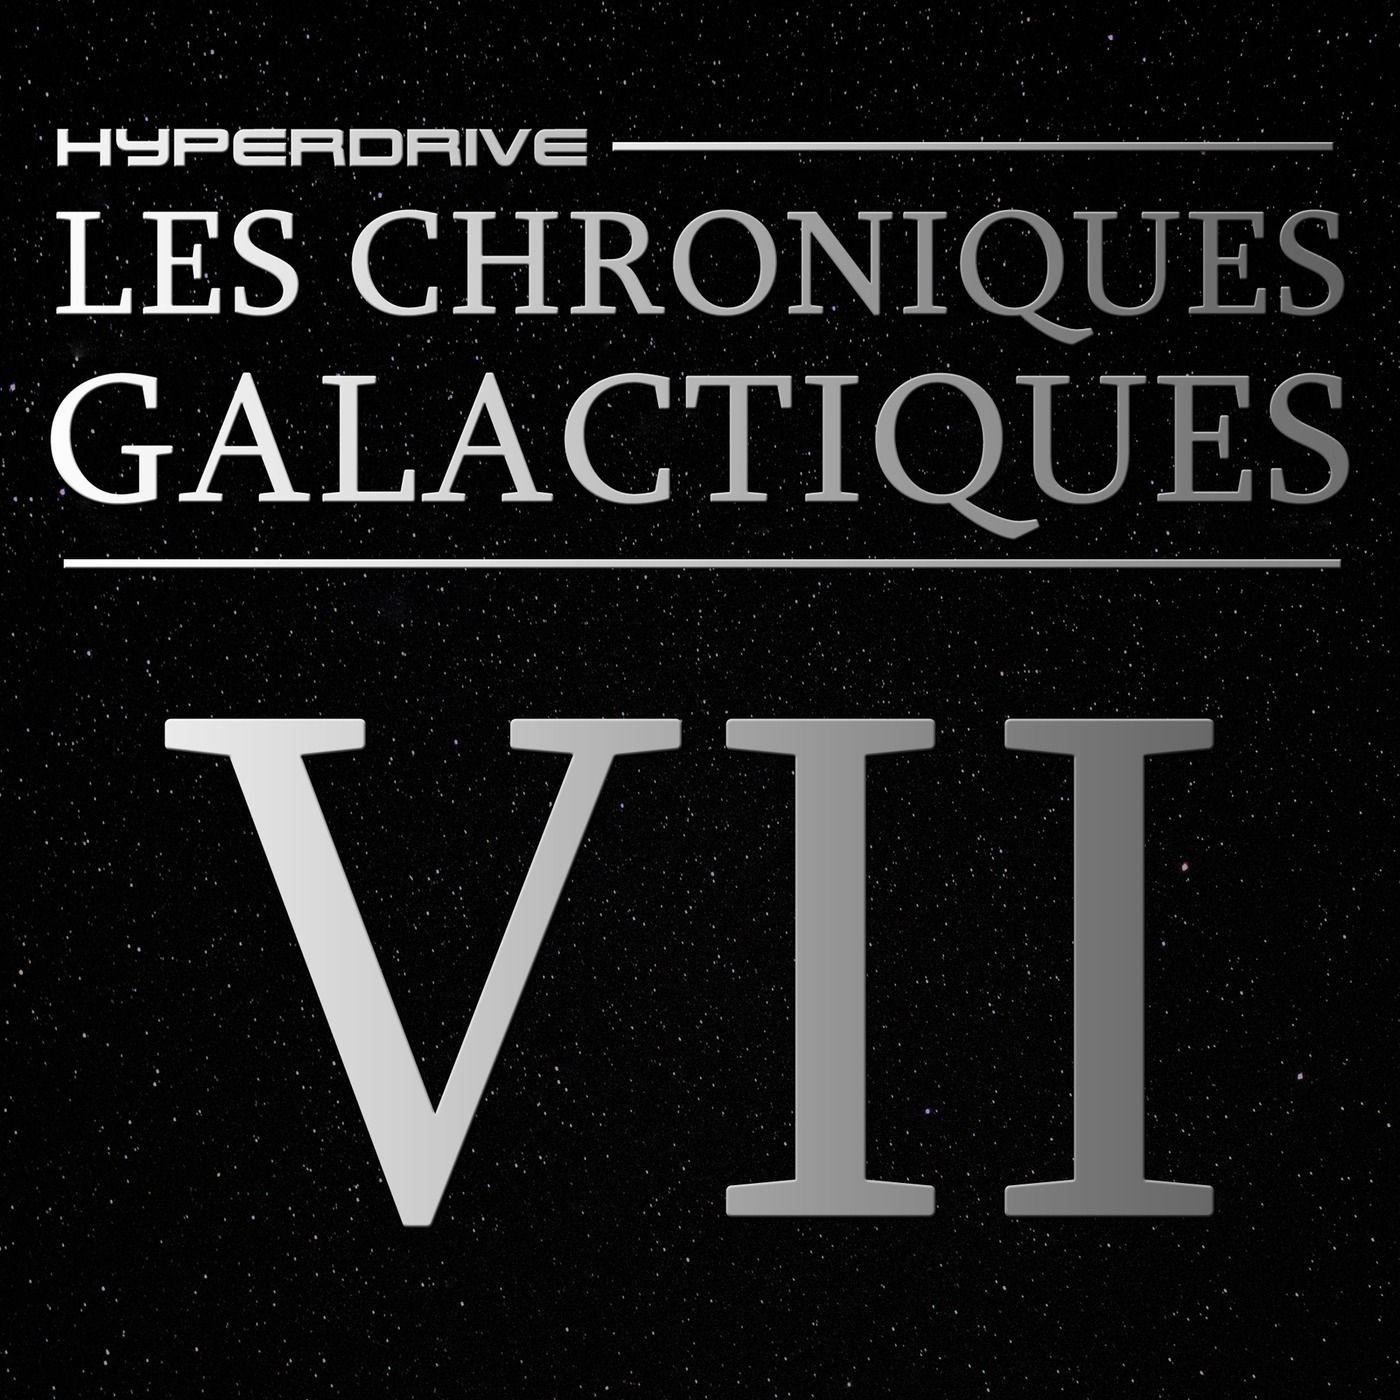 Les Chroniques Galactiques - Episode 7/7 - Des criminels de haut vol